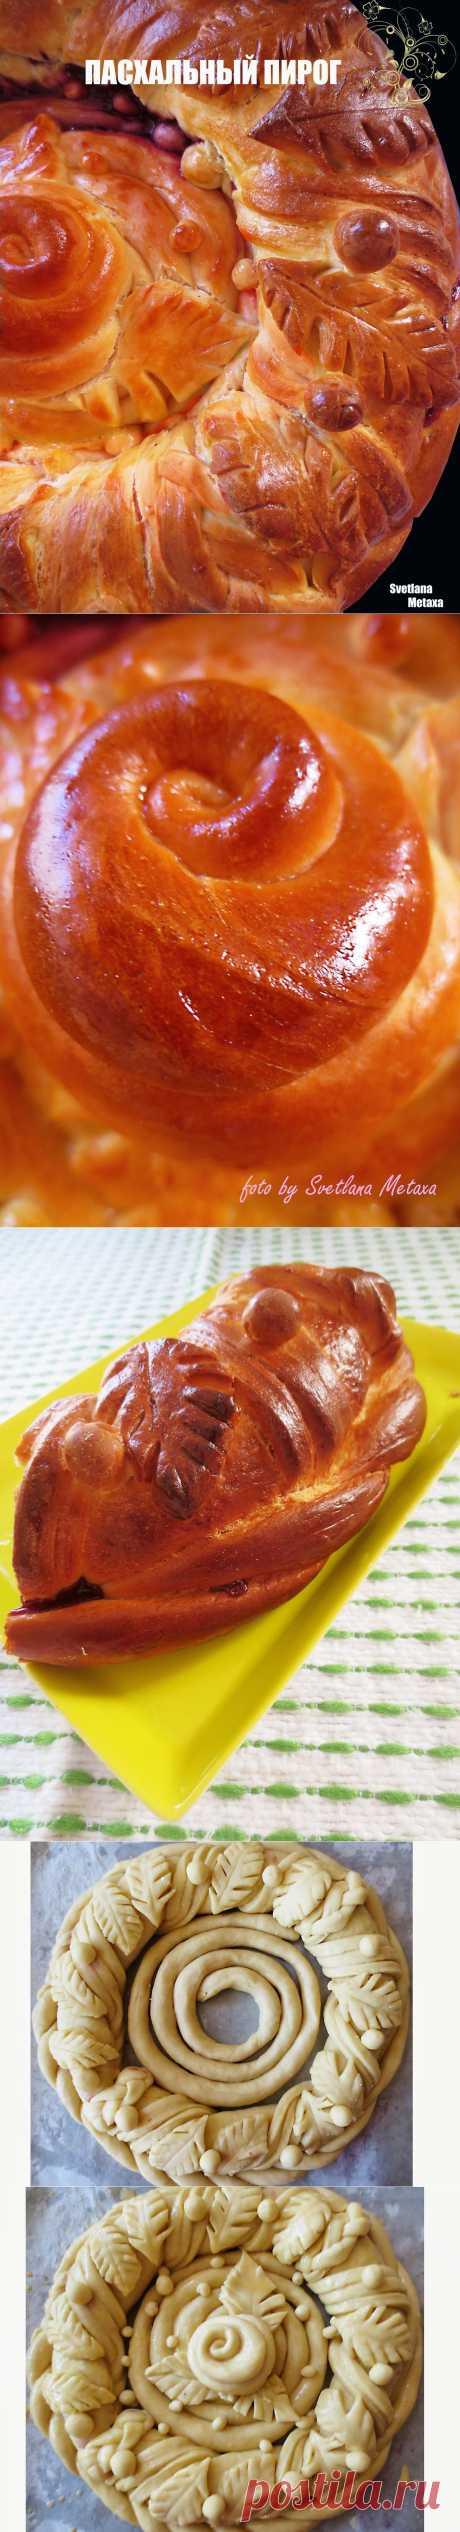 Пасхальный пирог ( фигурная выпечка).